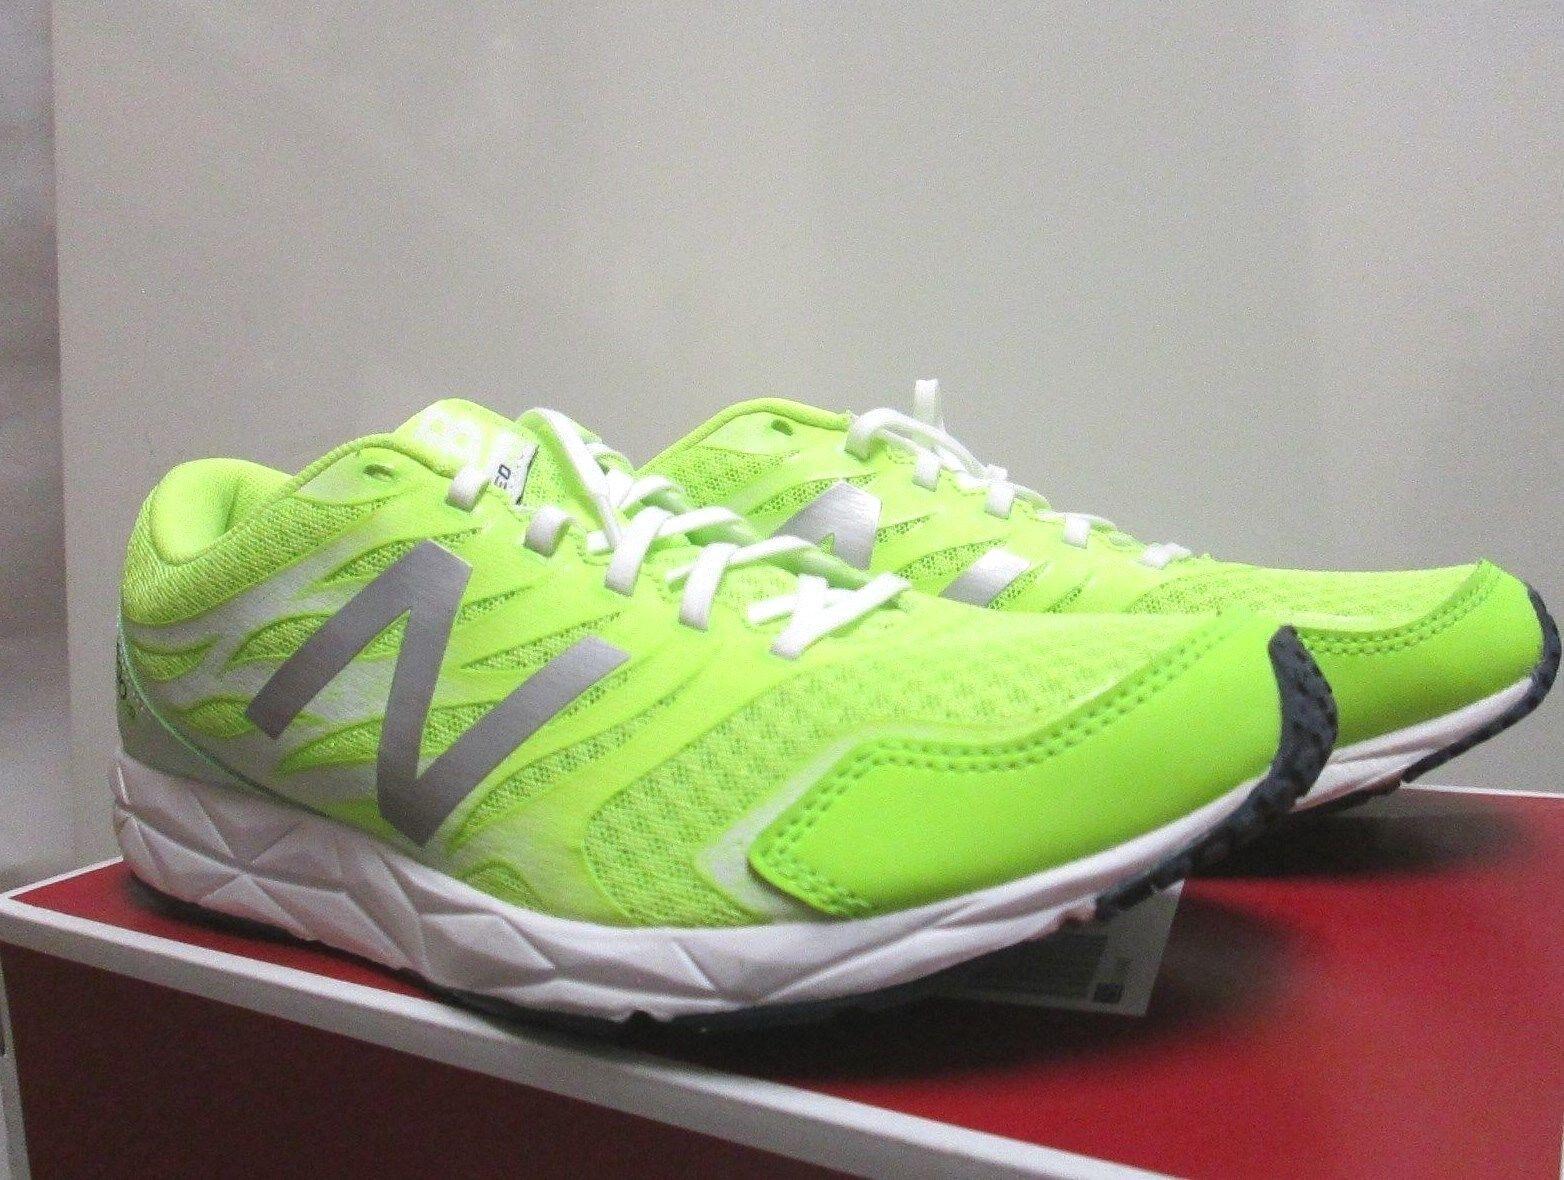 New Balance womens 590v5 running lightweight sneakers shoes W590LT5 volt 6.5